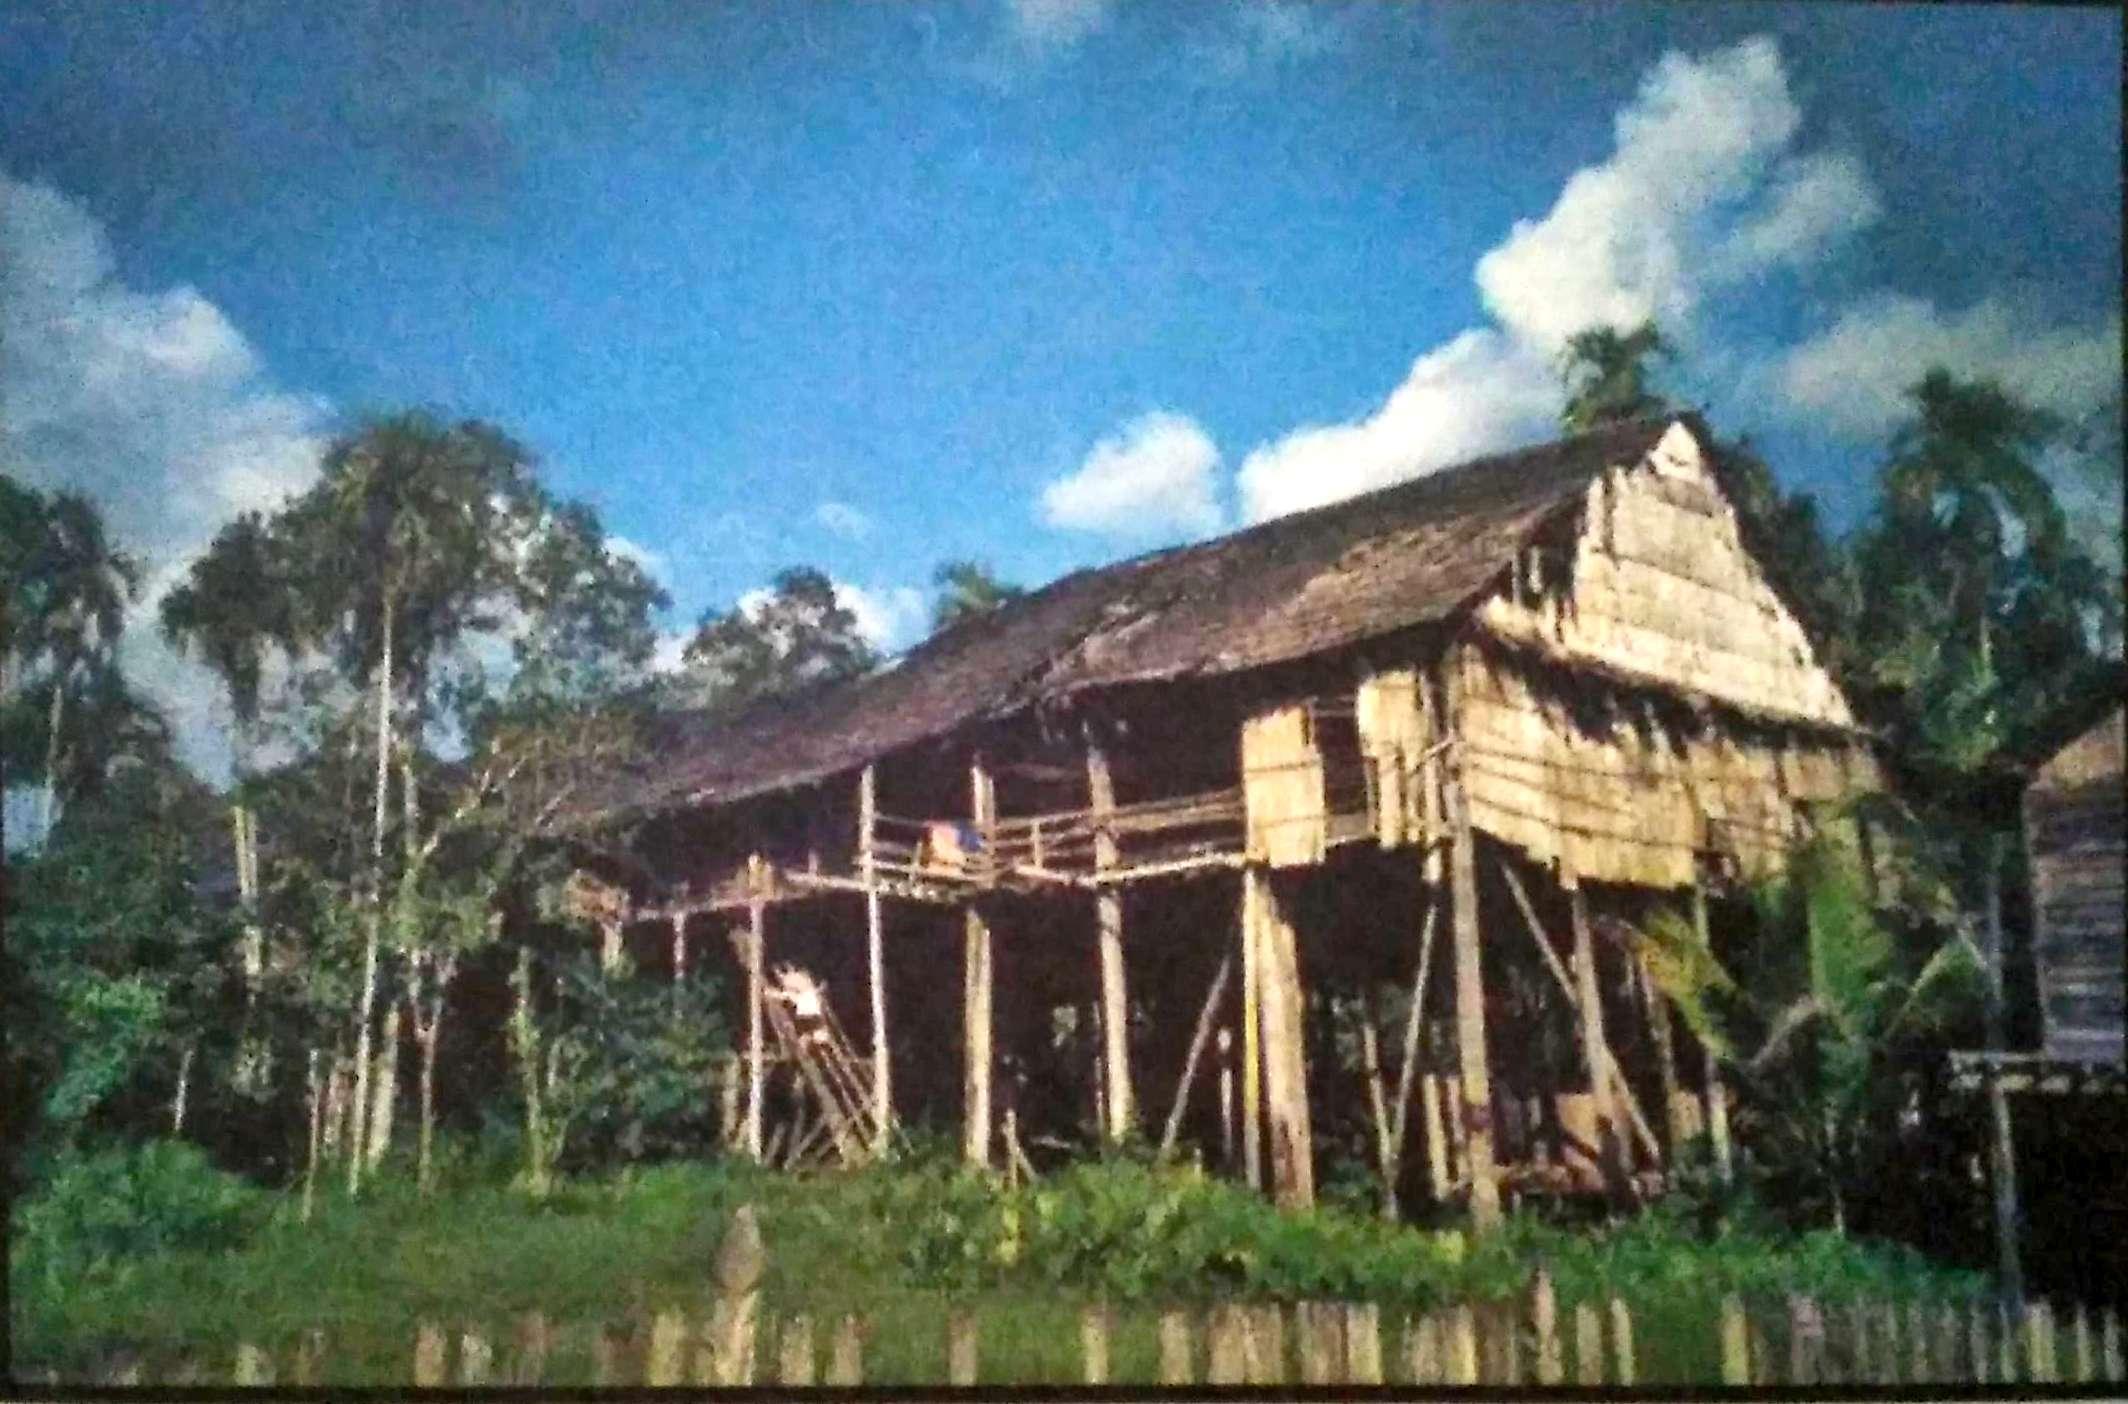 Rumah Adat Betang Provinsi Kalimantan Tengah Denah Nama Barat Bentang